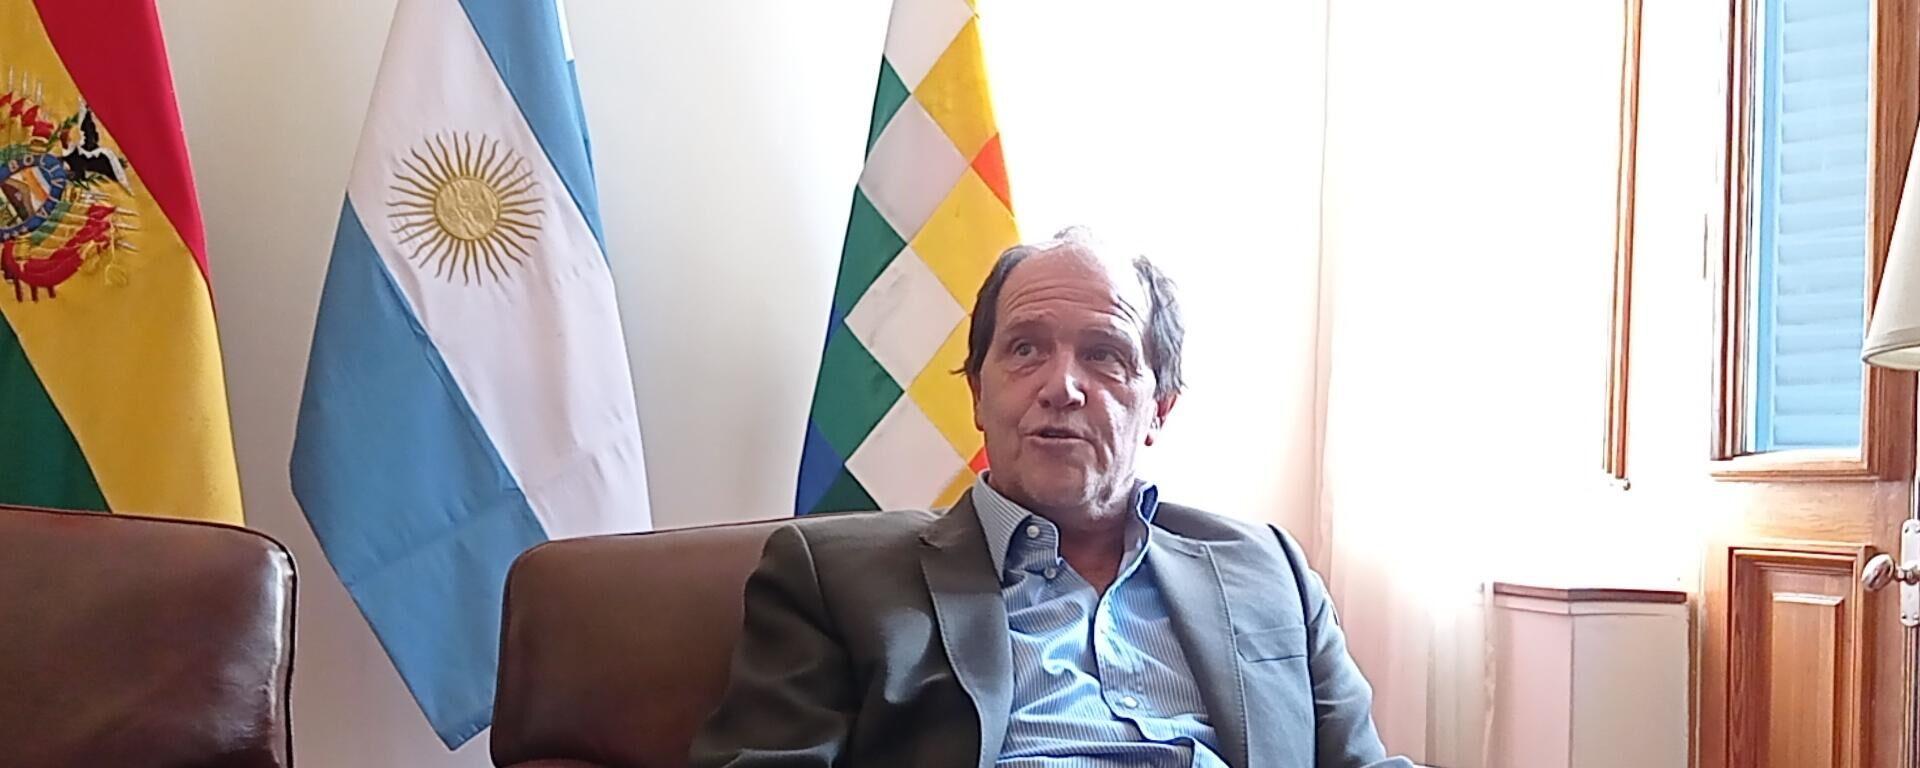 Ariel Basteiro, embajador de Argentina en Bolivia - Sputnik Mundo, 1920, 30.07.2021